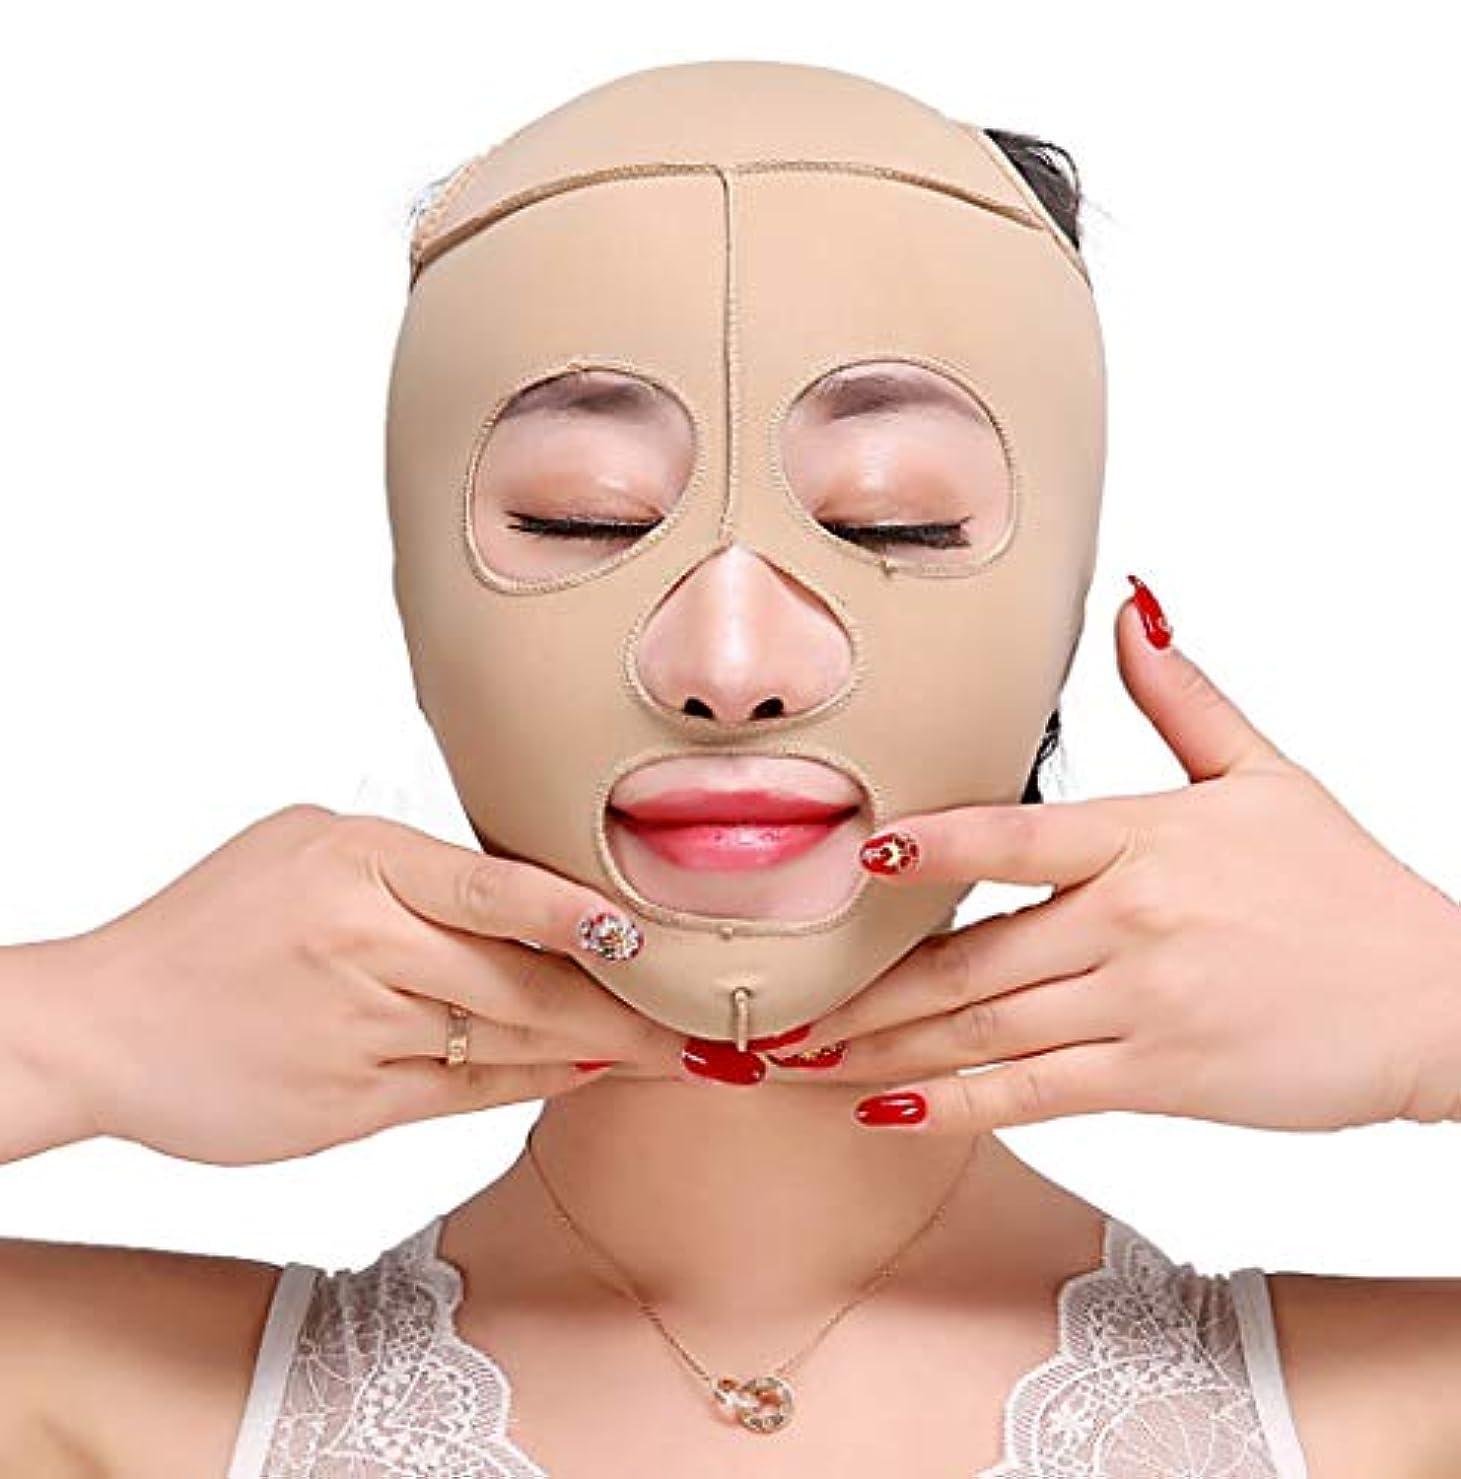 症候群無視できる従うGLJJQMY 痩身ベルト痩身ベルト薄い顔の包帯小V顔の顔の薄い顔のマスク包帯の強化引き締めV顔美容マスク小さな顔の包帯の頭飾り修正顔の形 顔用整形マスク (Size : M)